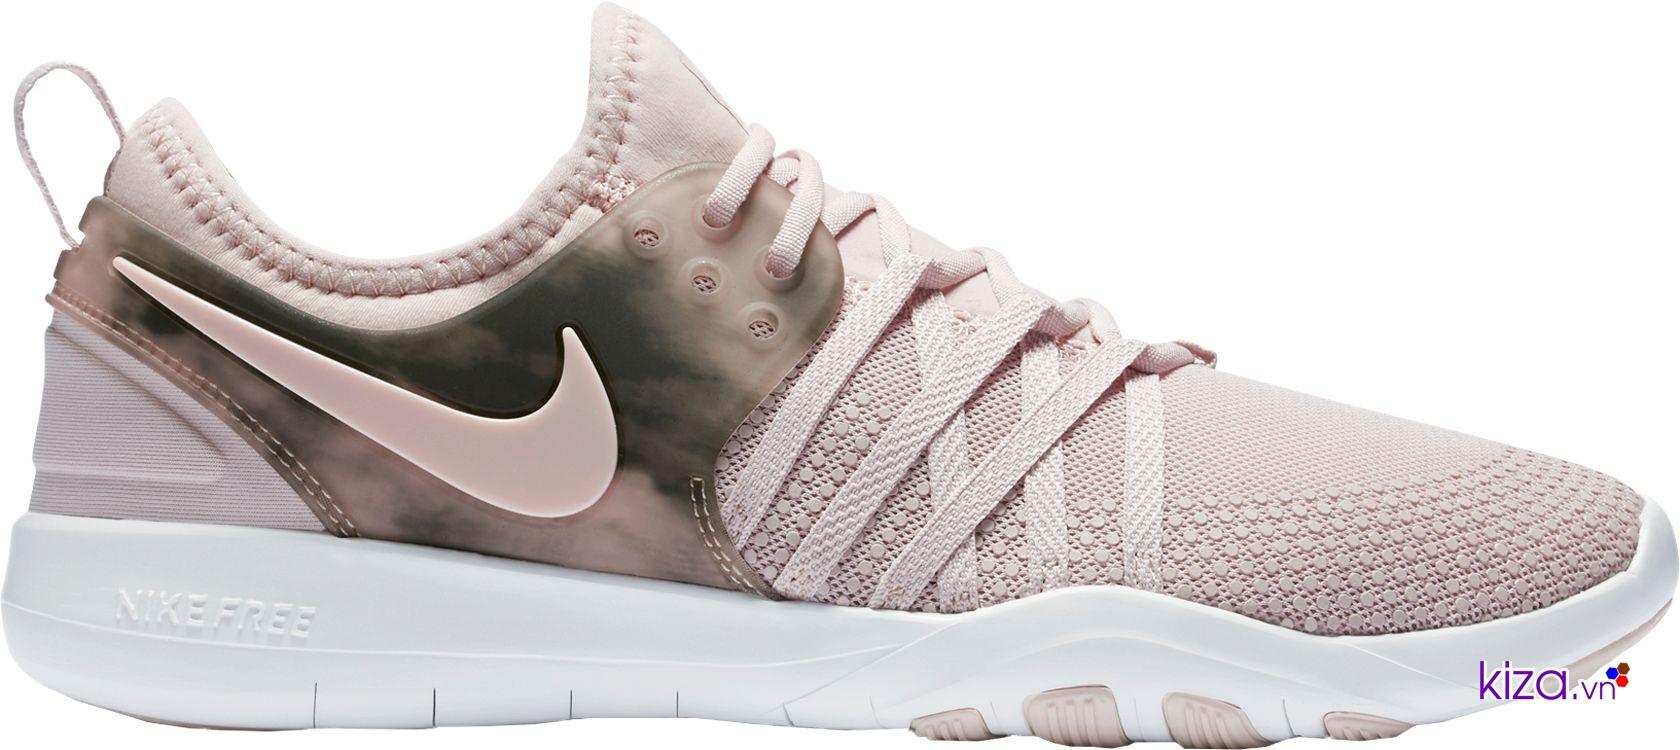 Phí ship khi đặt đôi giày Nike trên web khá cao